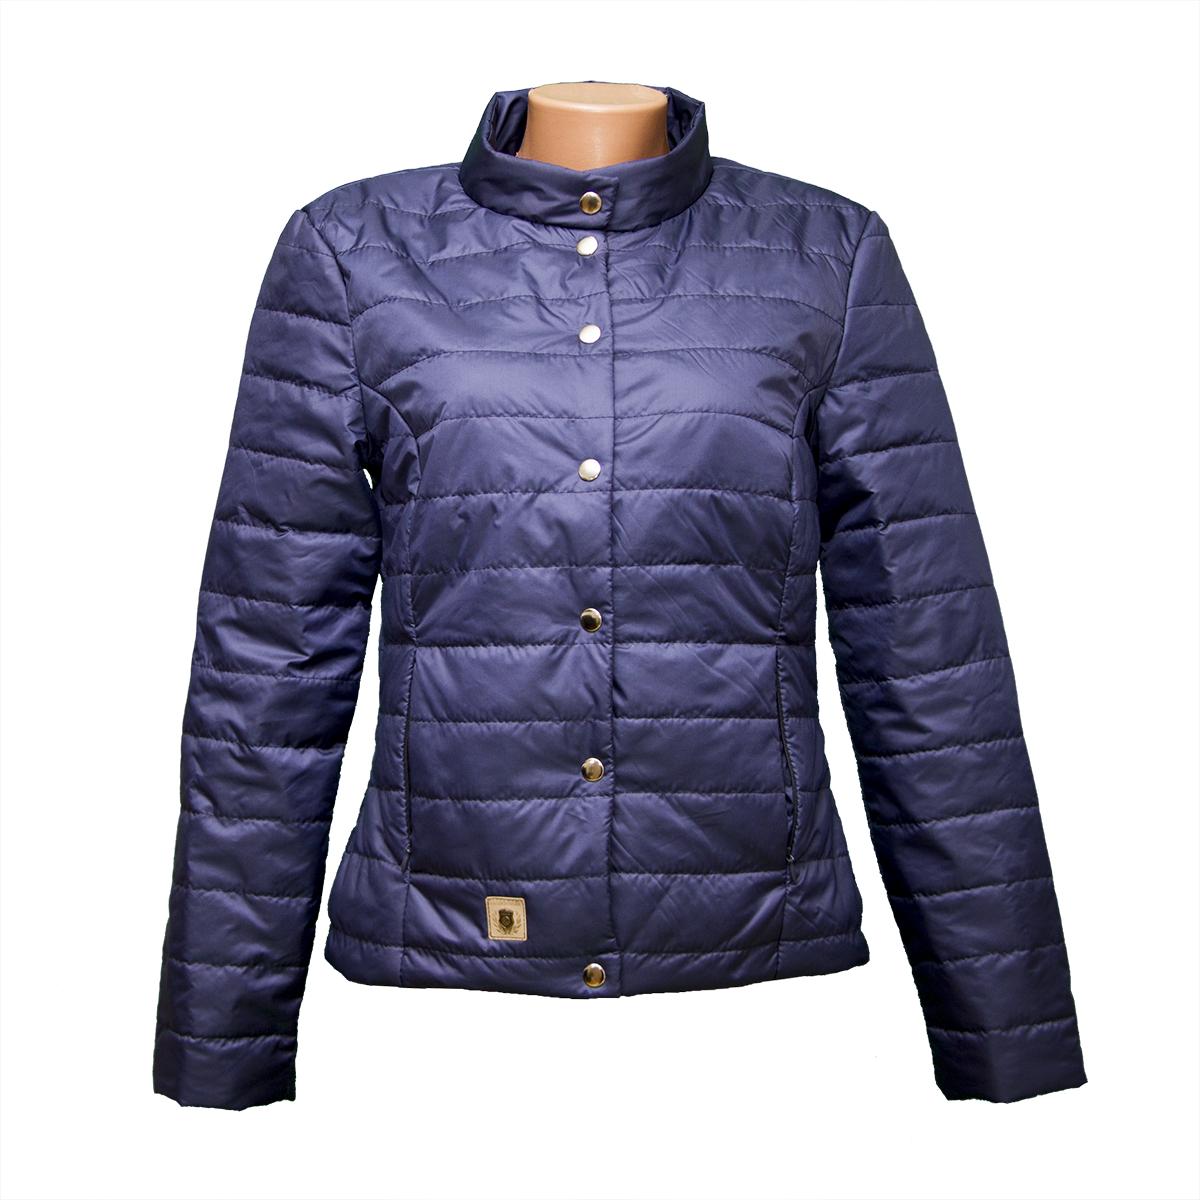 8b2c8954a3f Куртка женская темно-синяя новые модели KD1375 т синий - Оптово-розничный  интернет-